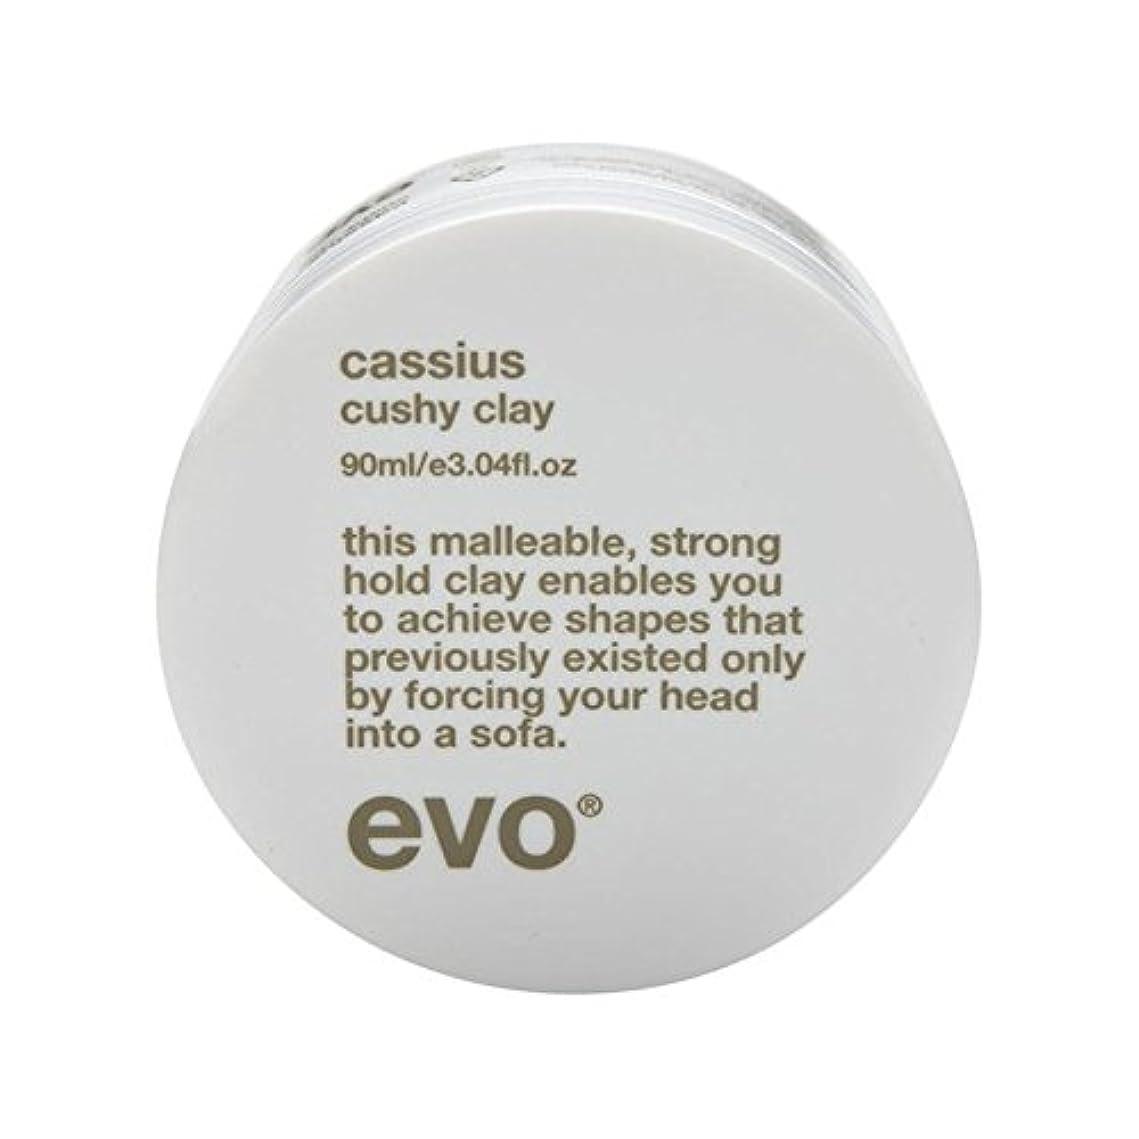 肺炎歩道ワーカーエボカシウス楽な粘土90グラム x2 - Evo Cassius Cushy Clay 90G (Pack of 2) [並行輸入品]